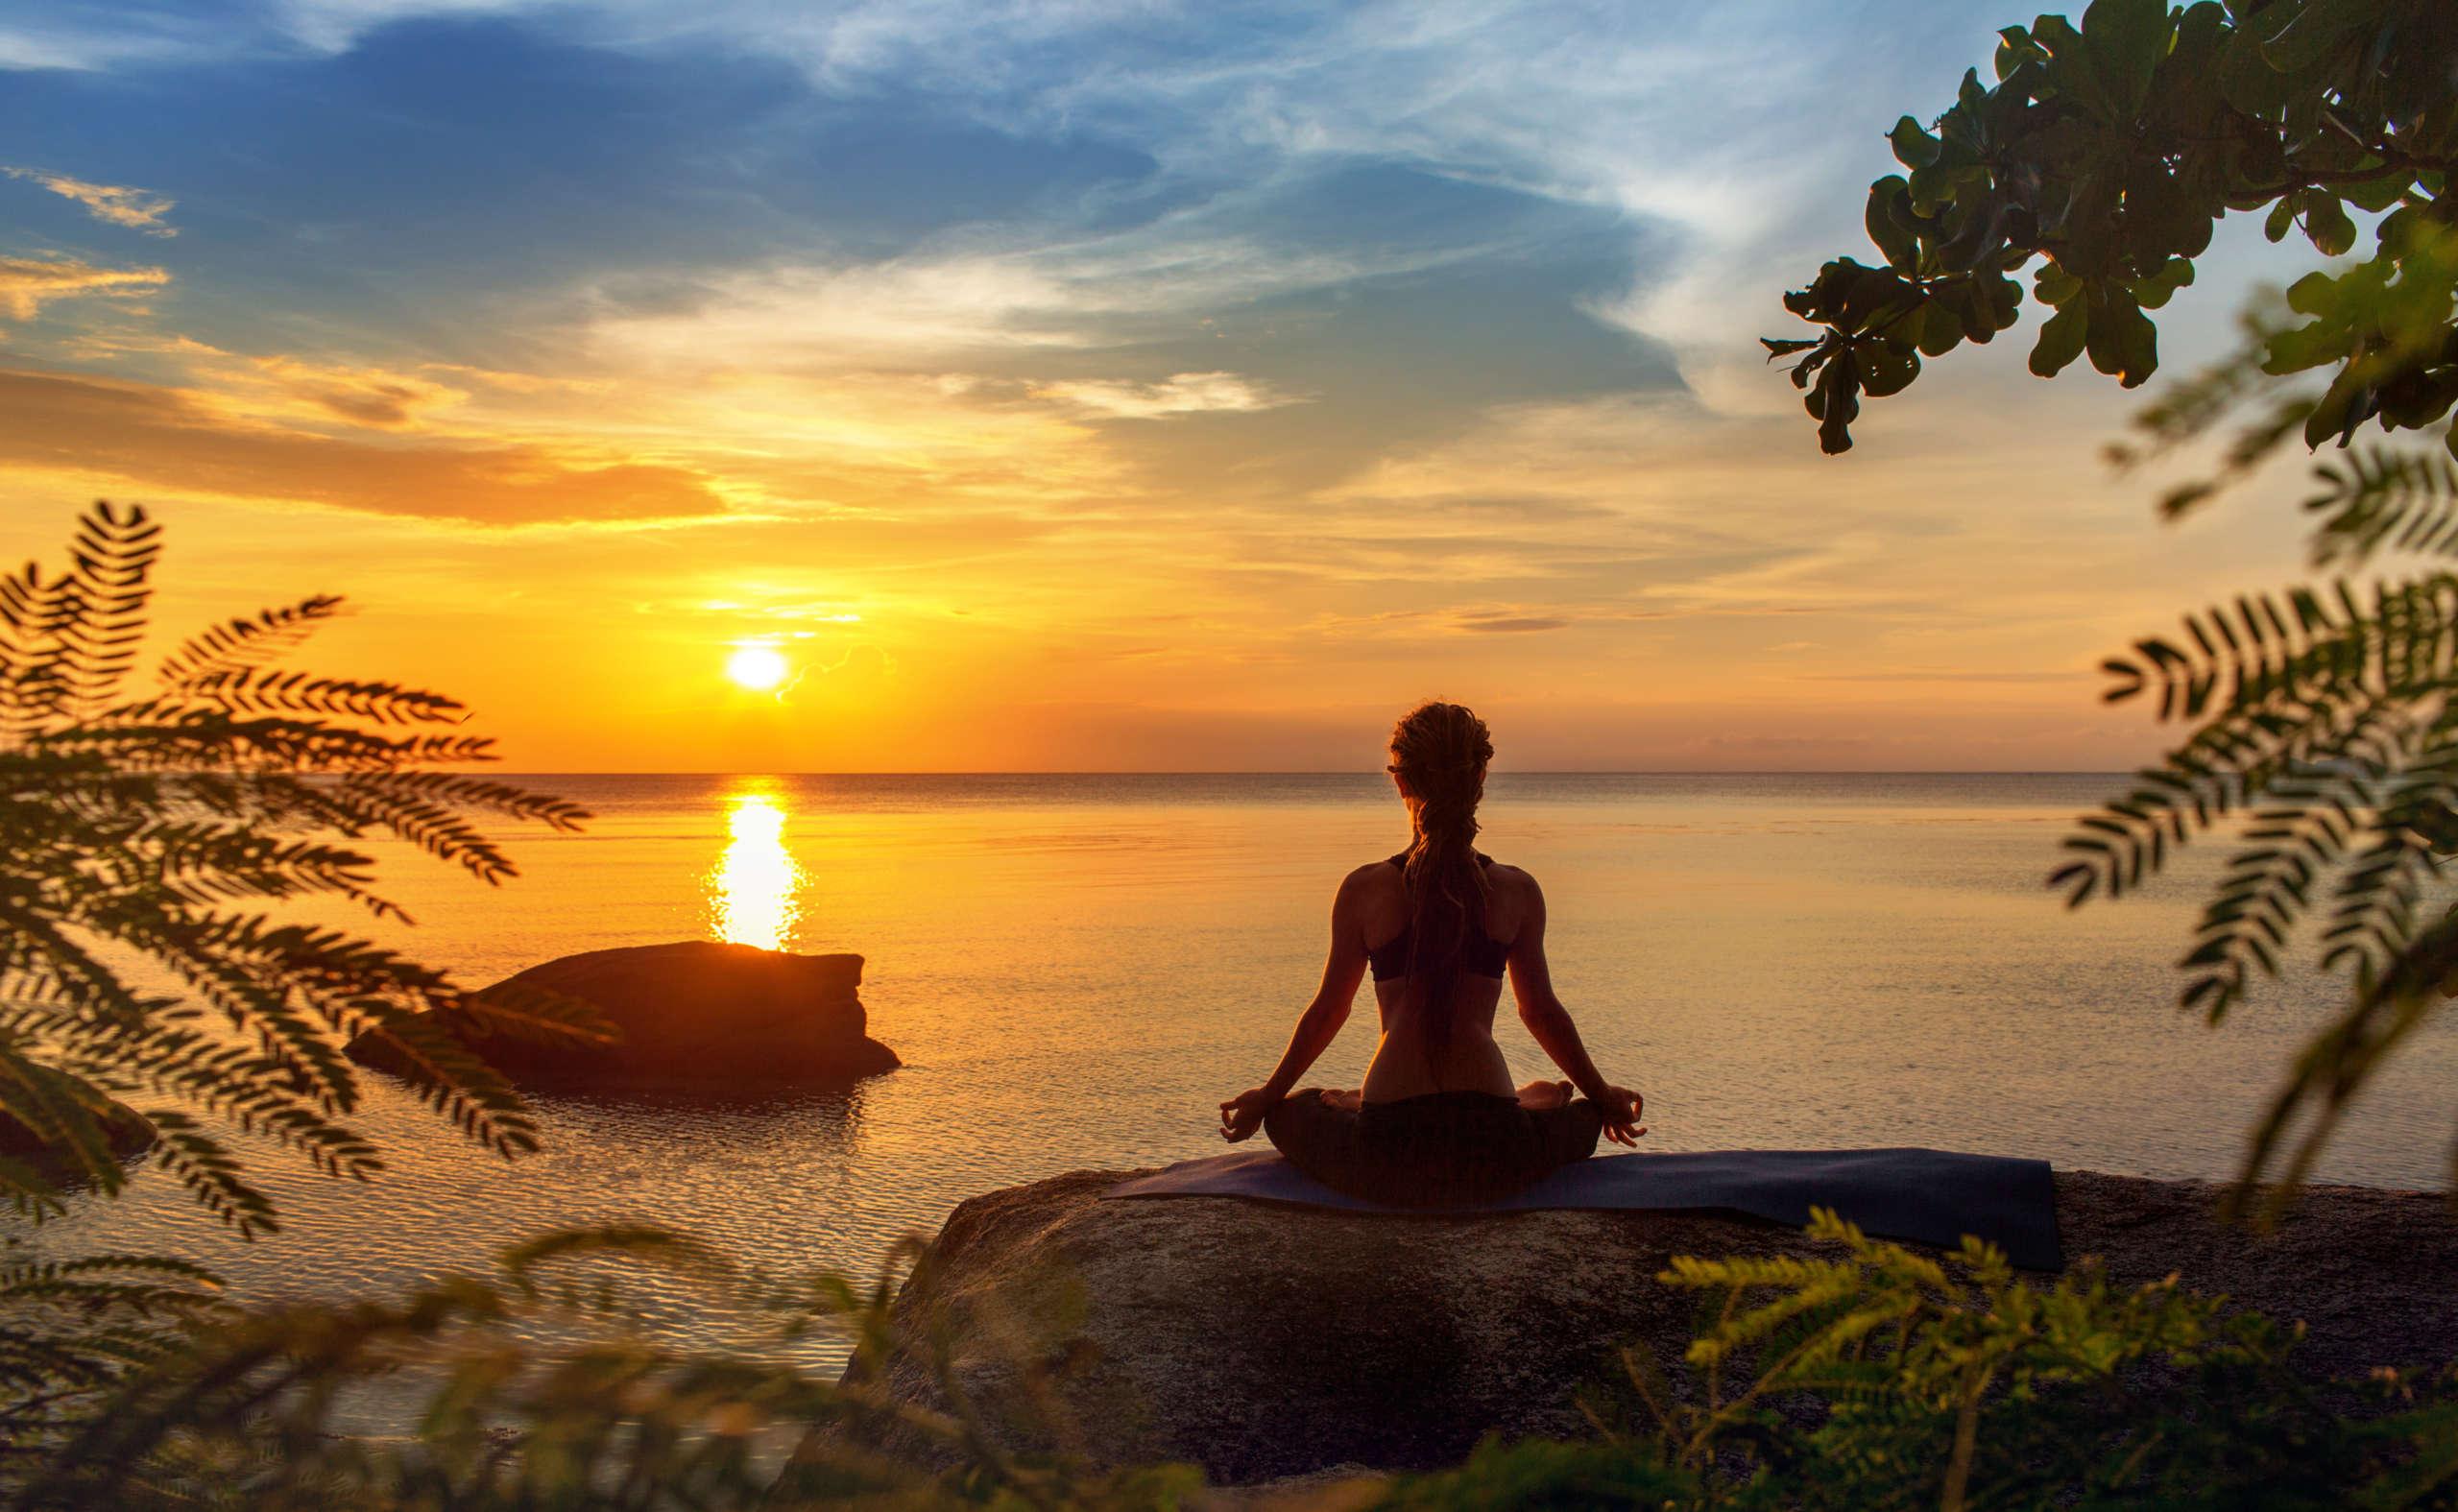 Kobieta siedząca w pozycji kwiatu lotosu na tle zachodzącego słońca - medytacja devavani